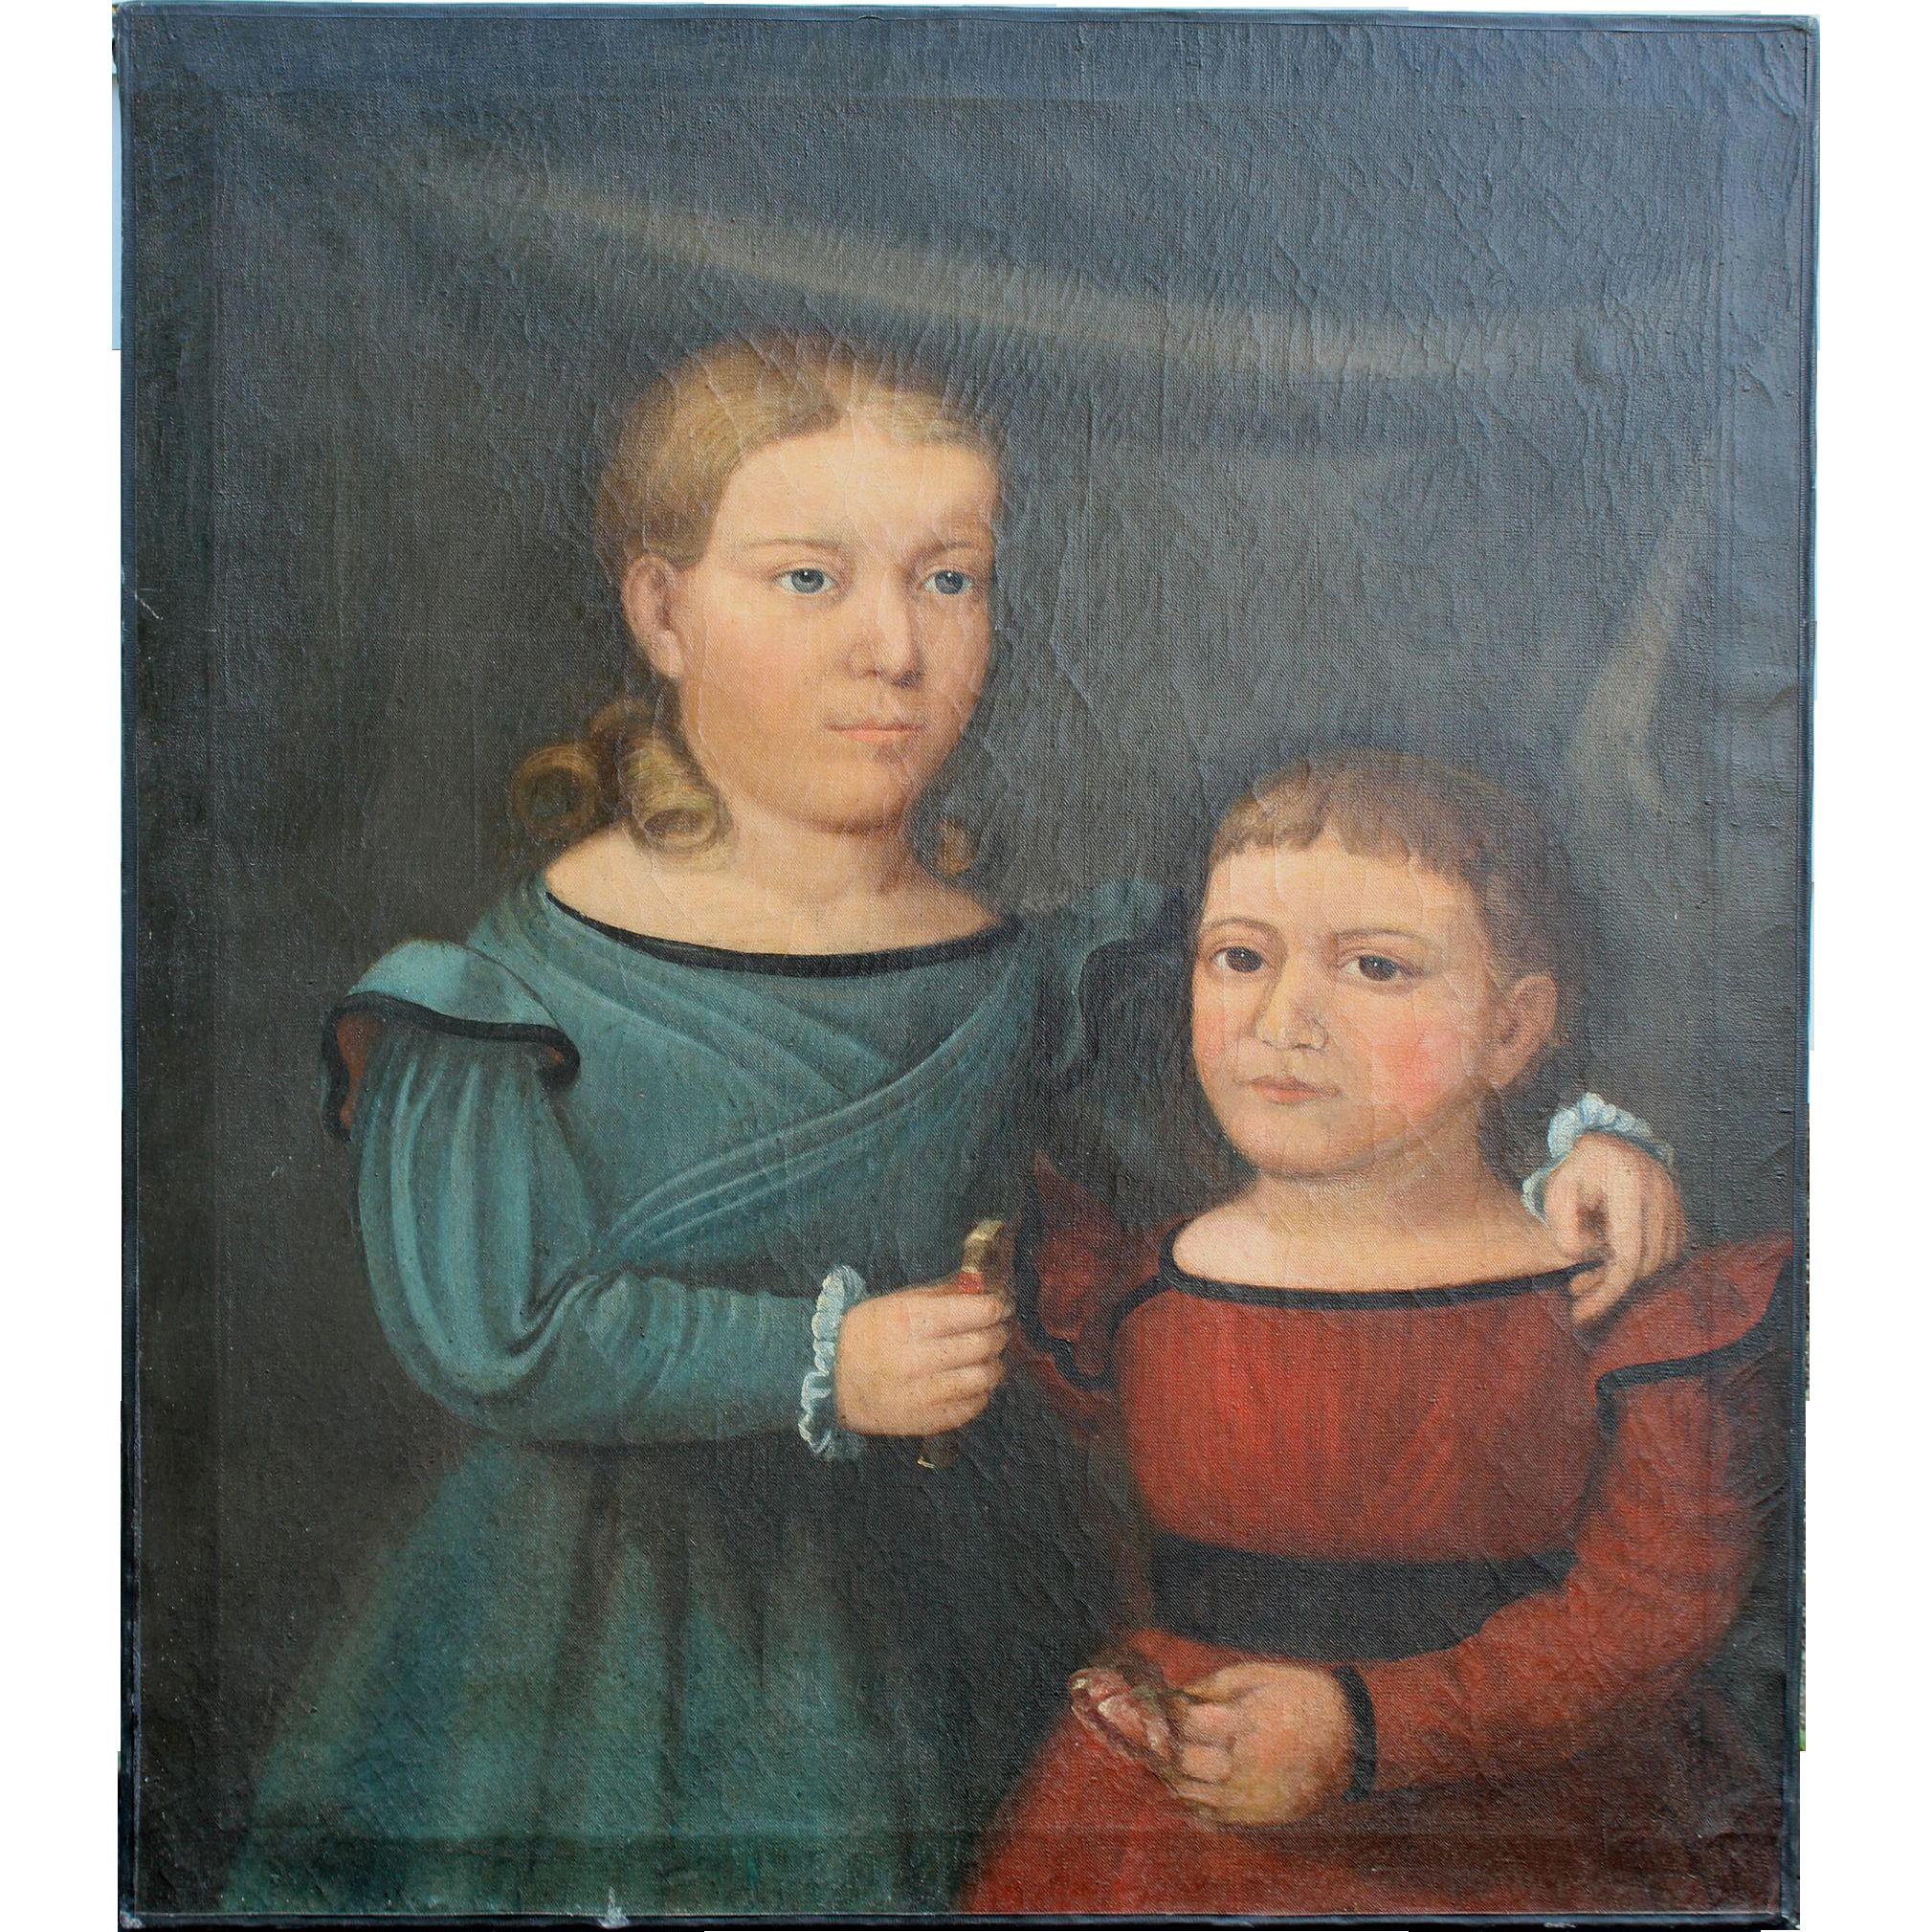 Primitive Double Portrait of Two Children Horace Bundy circa 1845